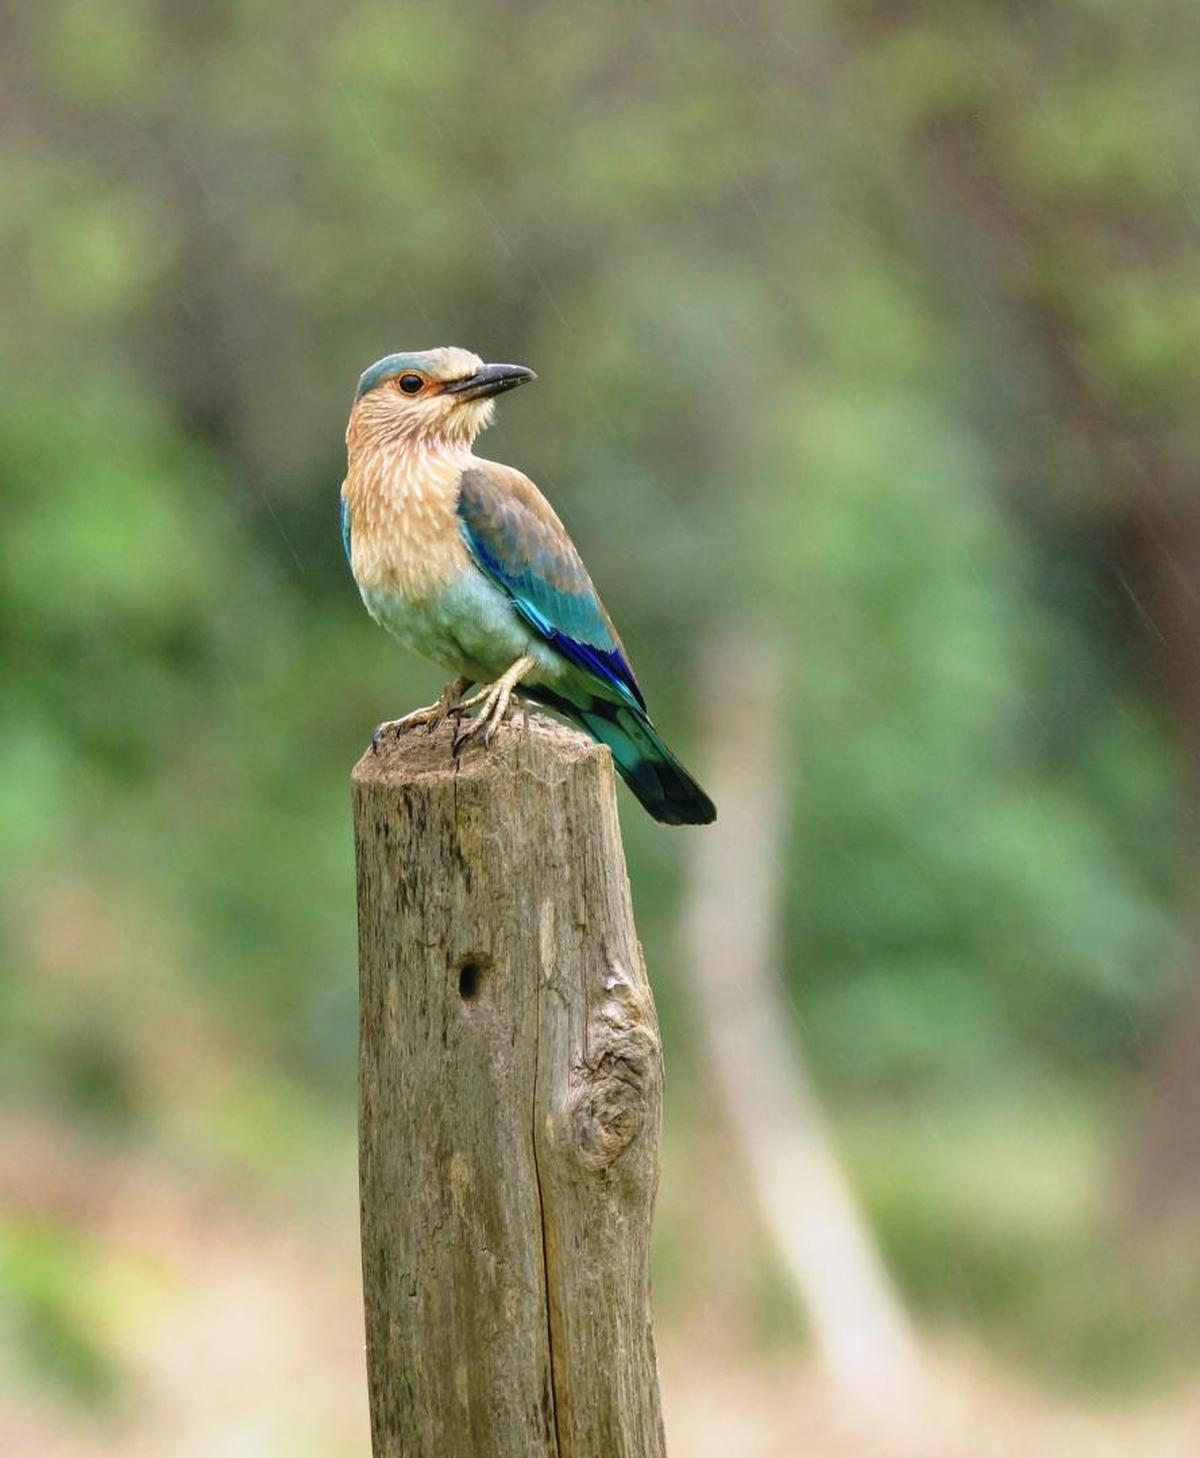 Image of Bird, Beak, Roller, Bluebird, Coraciiformes, Wildlife etc.